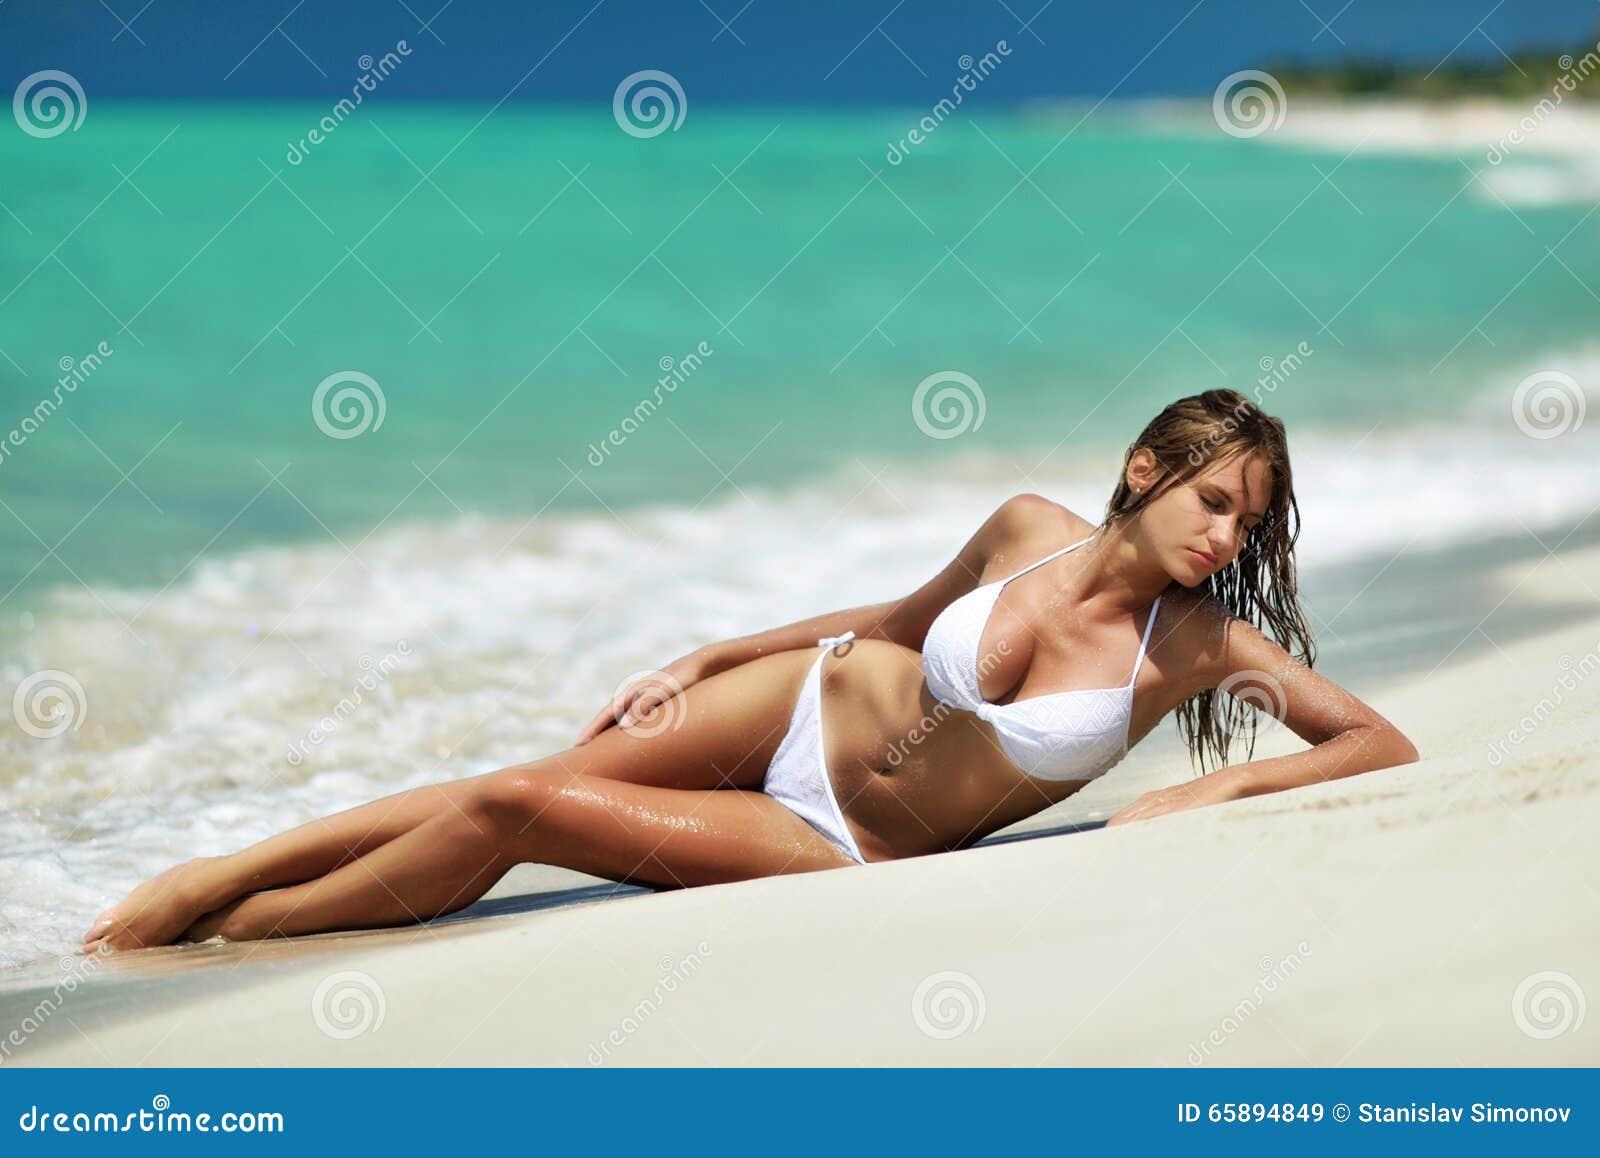 Κορίτσι στην παραλία σε ένα μαγιό